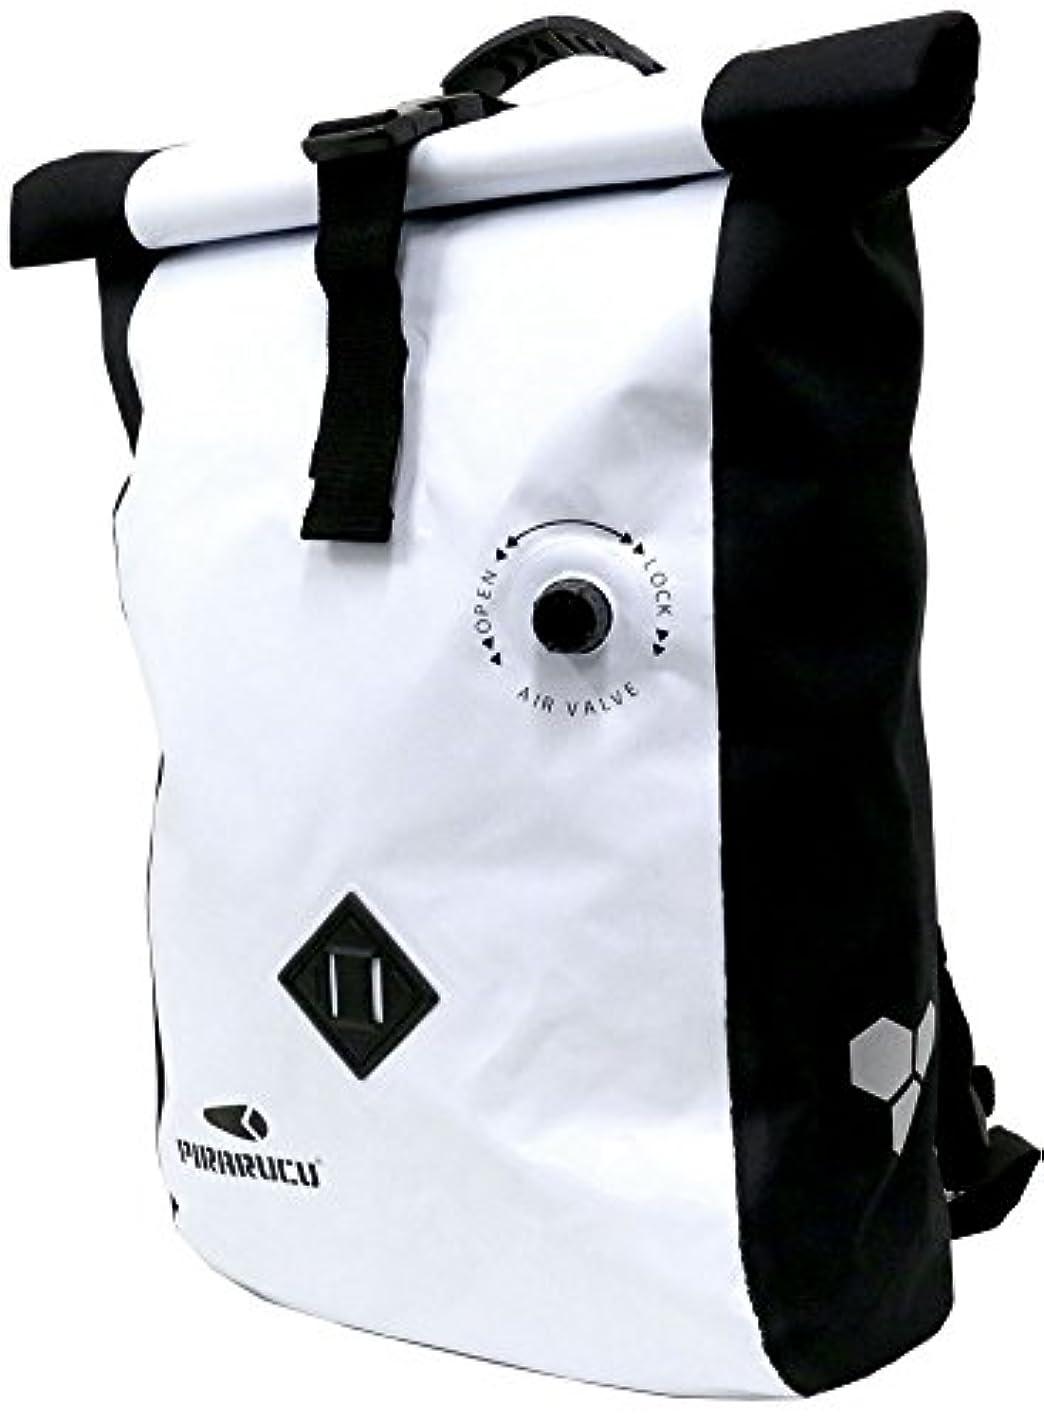 郵便屋さんペダル料理をする[ピラルク] リュック 防水 インナー バッグ付き 20L